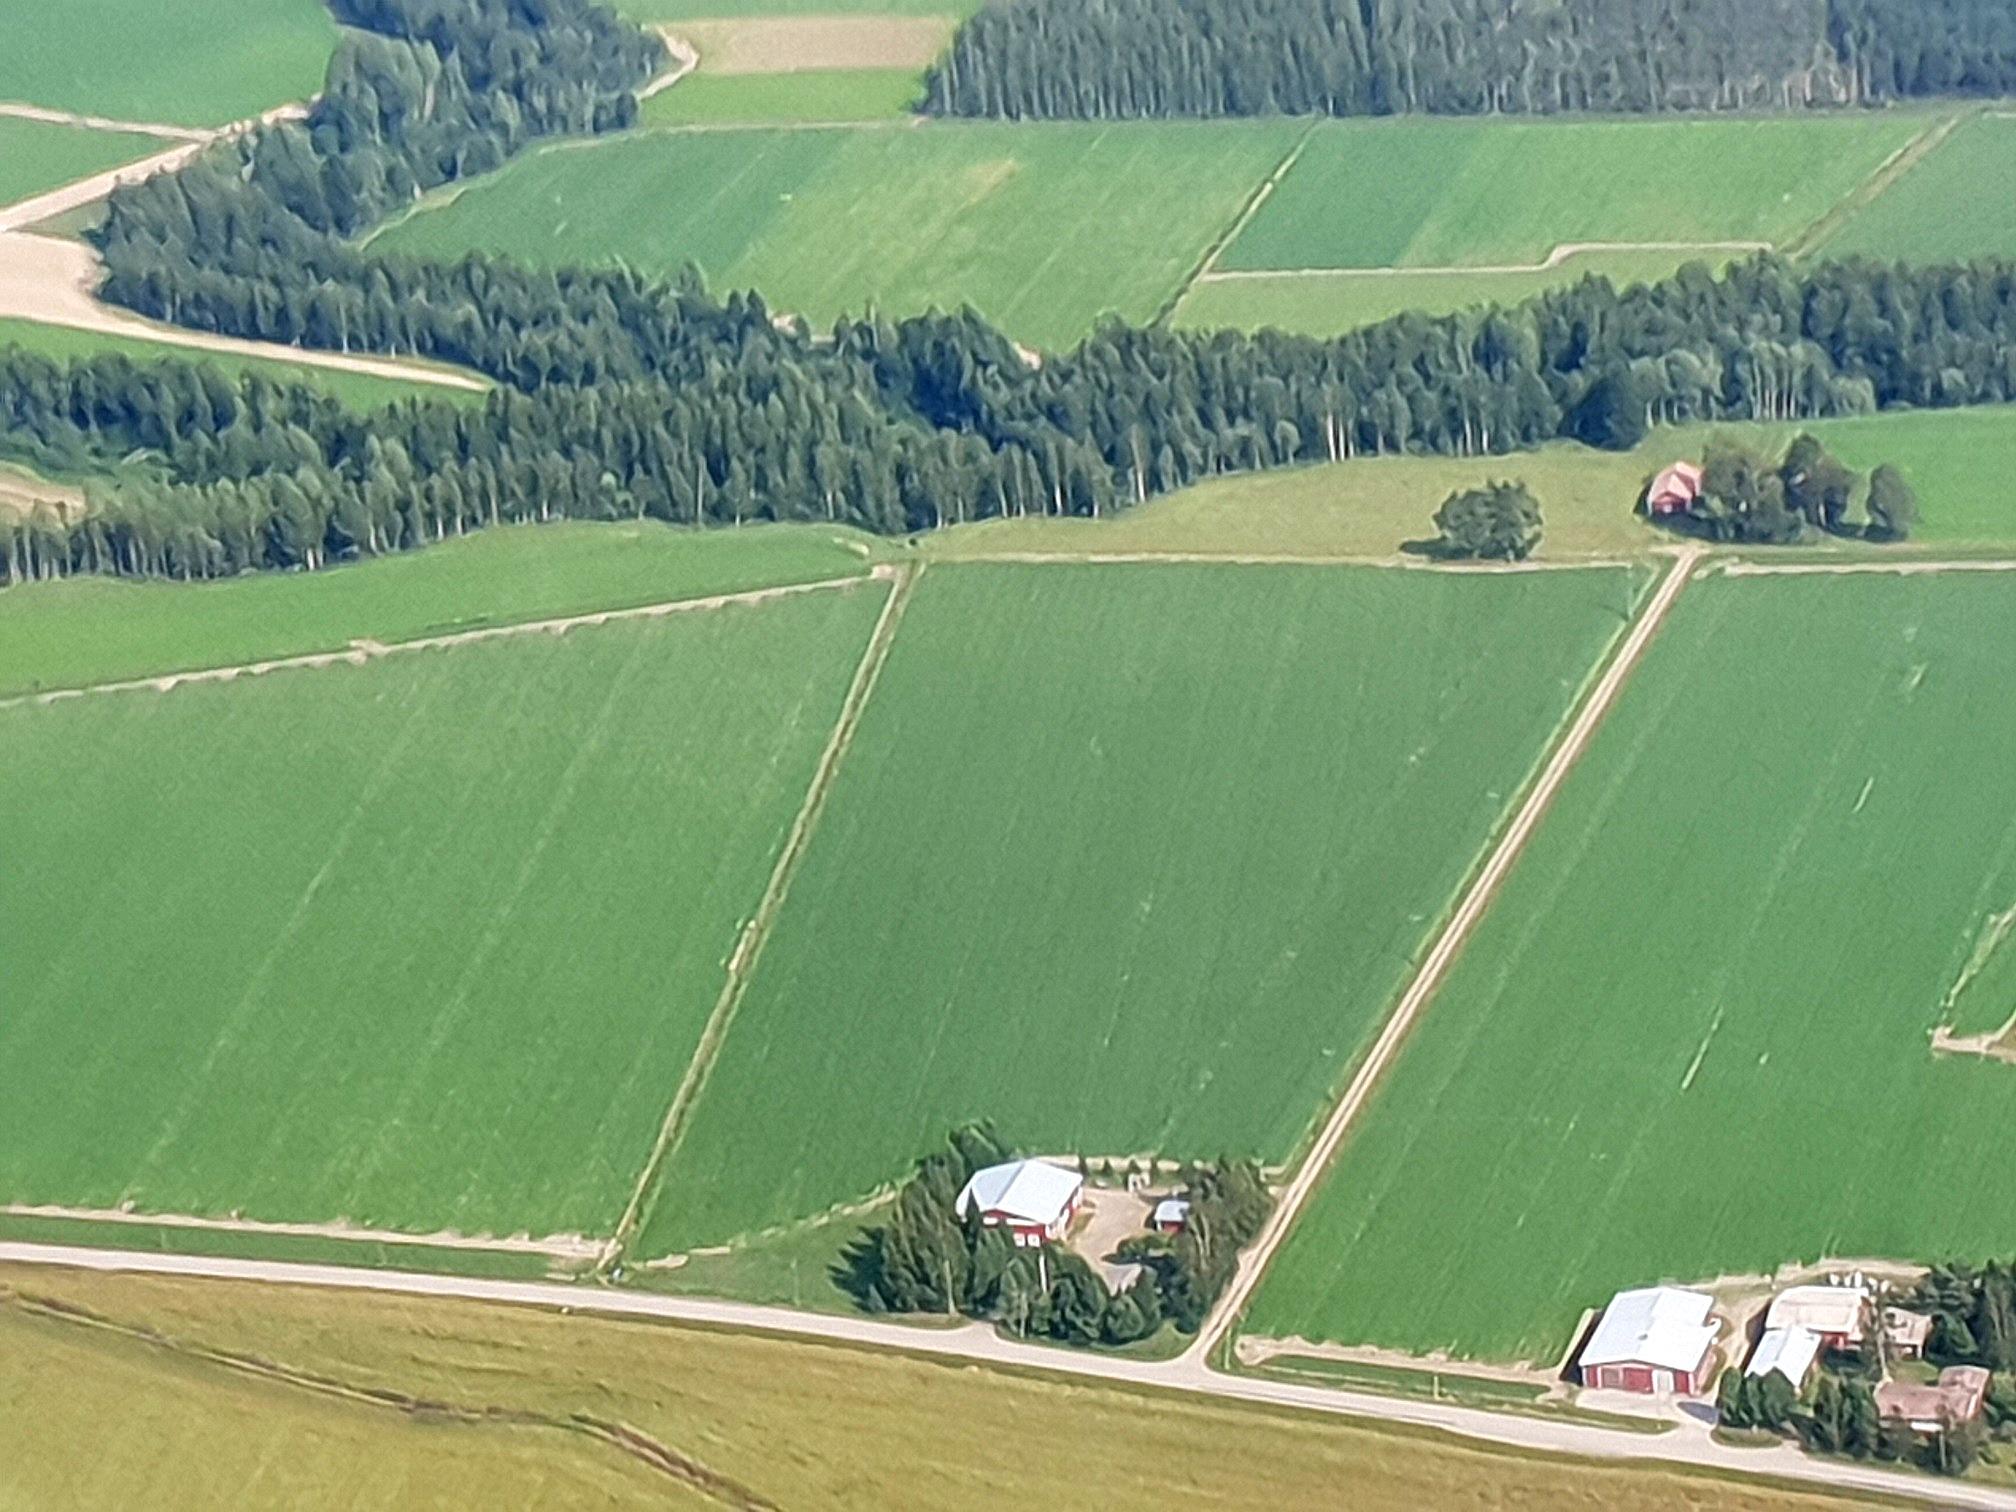 Här ser vi att åkrarna är stora på Åbackan och att det är långt mellan gårdarna. Uppe till höger bakom träden finns Lindfors gamla gård och nere i mitten finns Lindfors nya gård. Nere i högra hörnet syns Kauko Santamäkis gårdsgrupp.